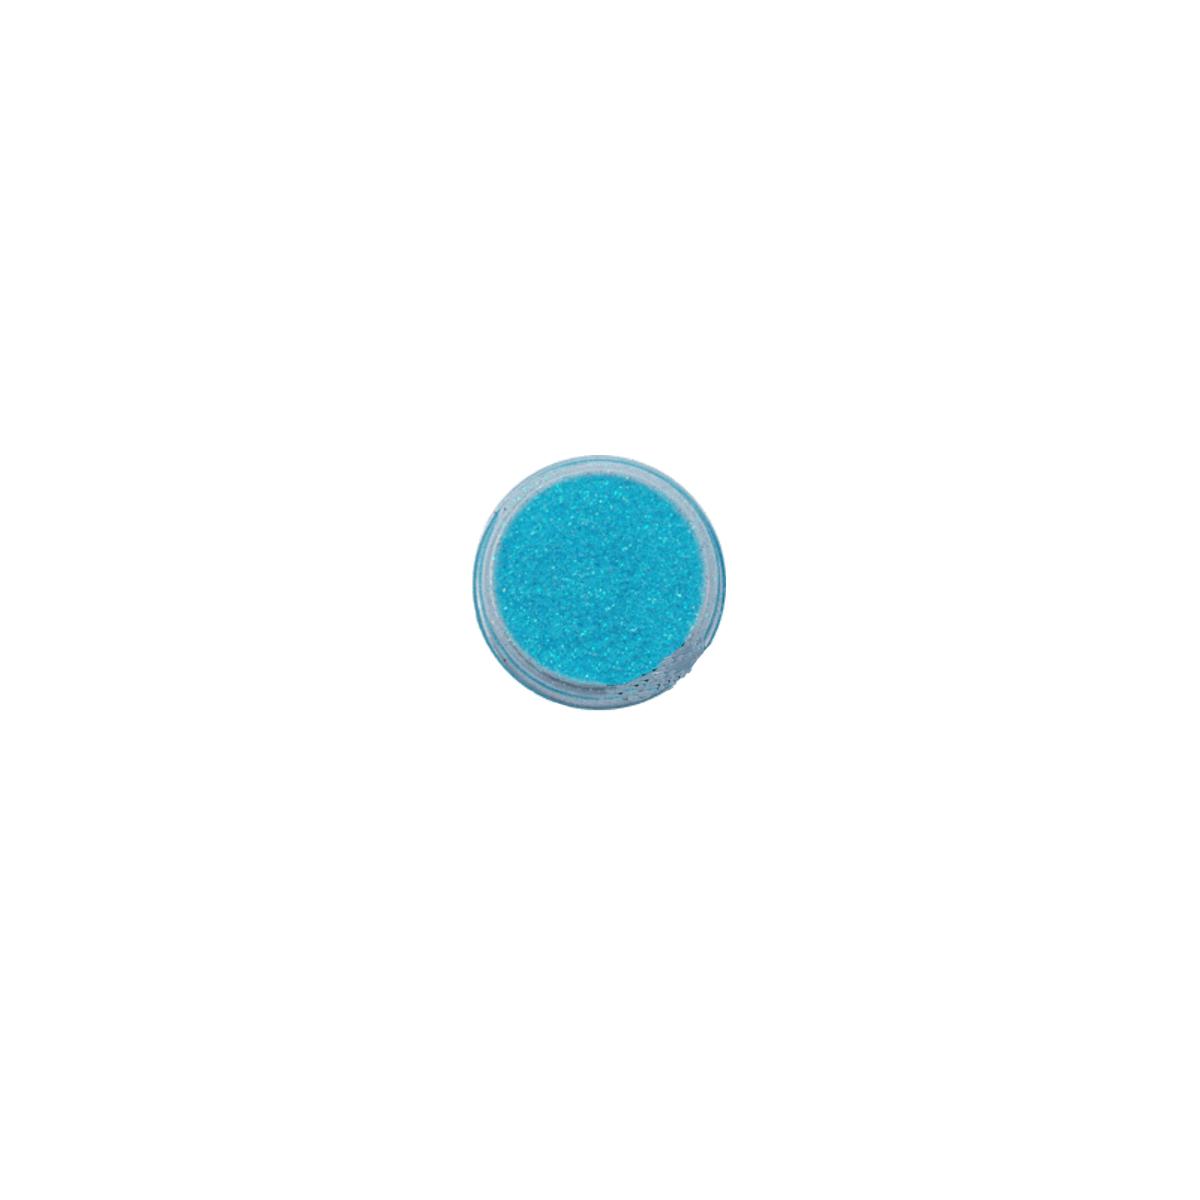 https://www.kit-manucure.com/1676-thickbox_default/paillettes-pour-ongles-paillettes-nail-art-bleu-turquoise.jpg